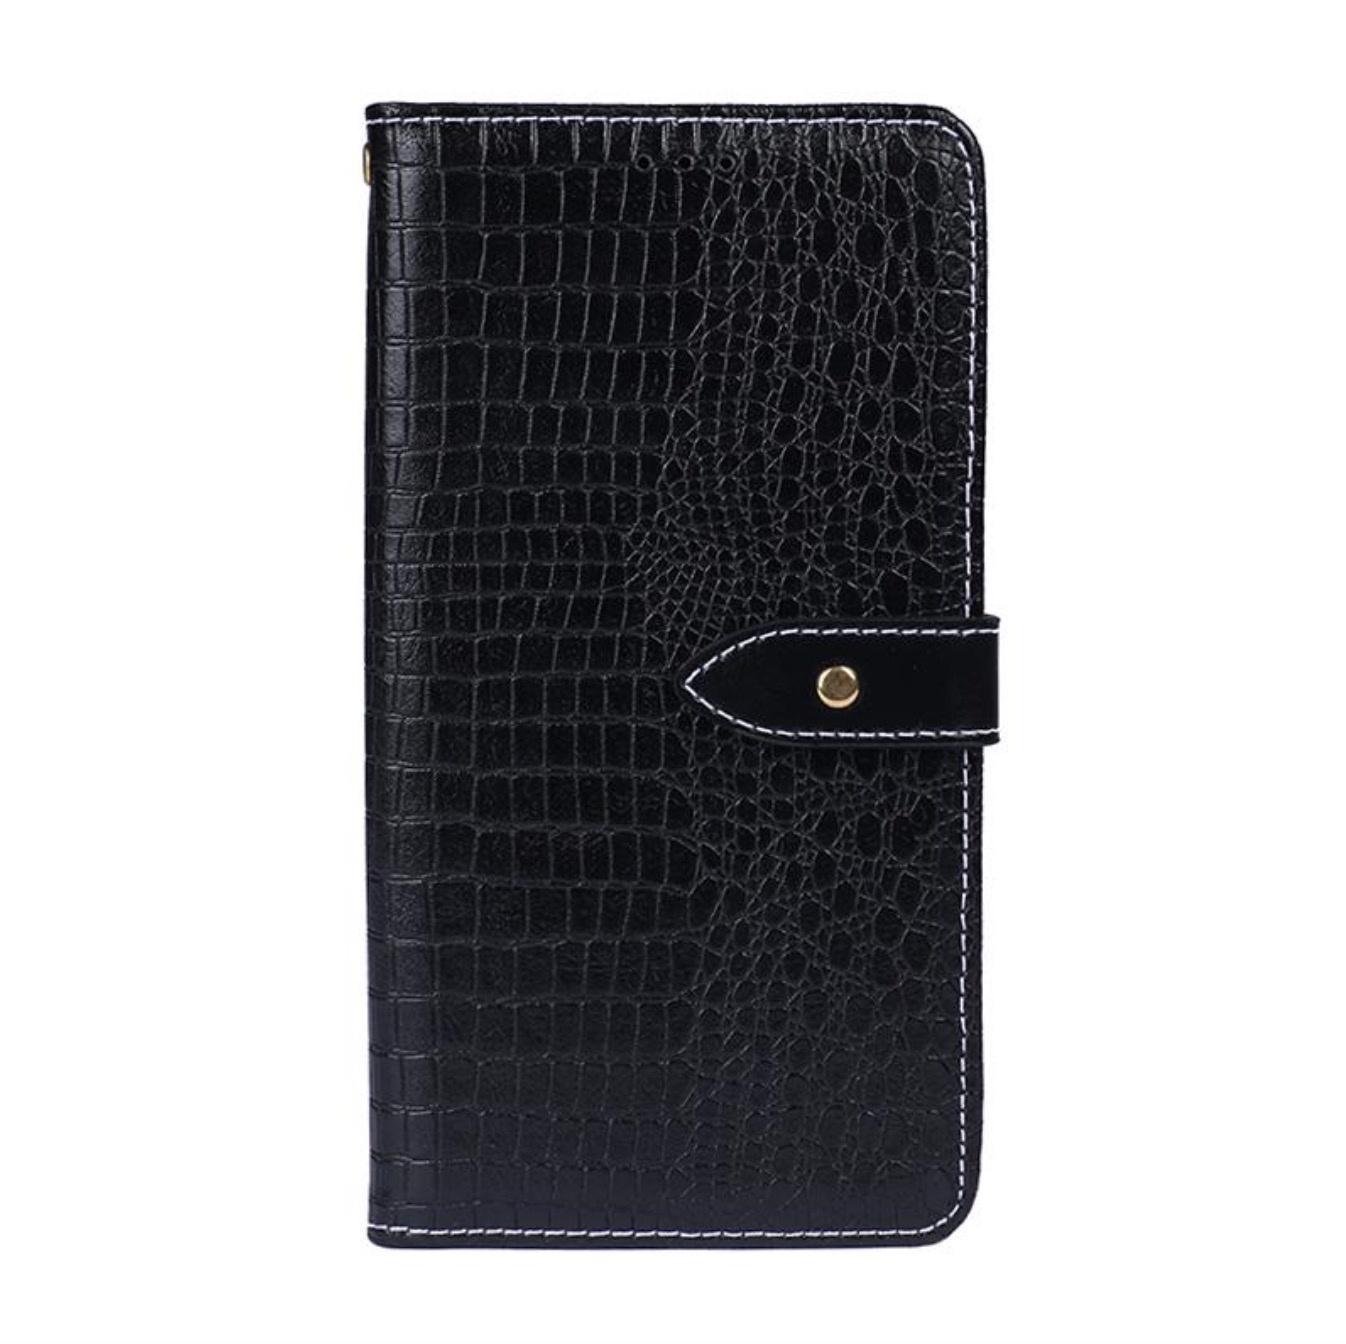 Чехол-книжка MyPads для Vivo NEX / Vivo Nex S 8/256GB с фактурной прошивкой рельефа кожи крокодила с застежкой и визитницей черный